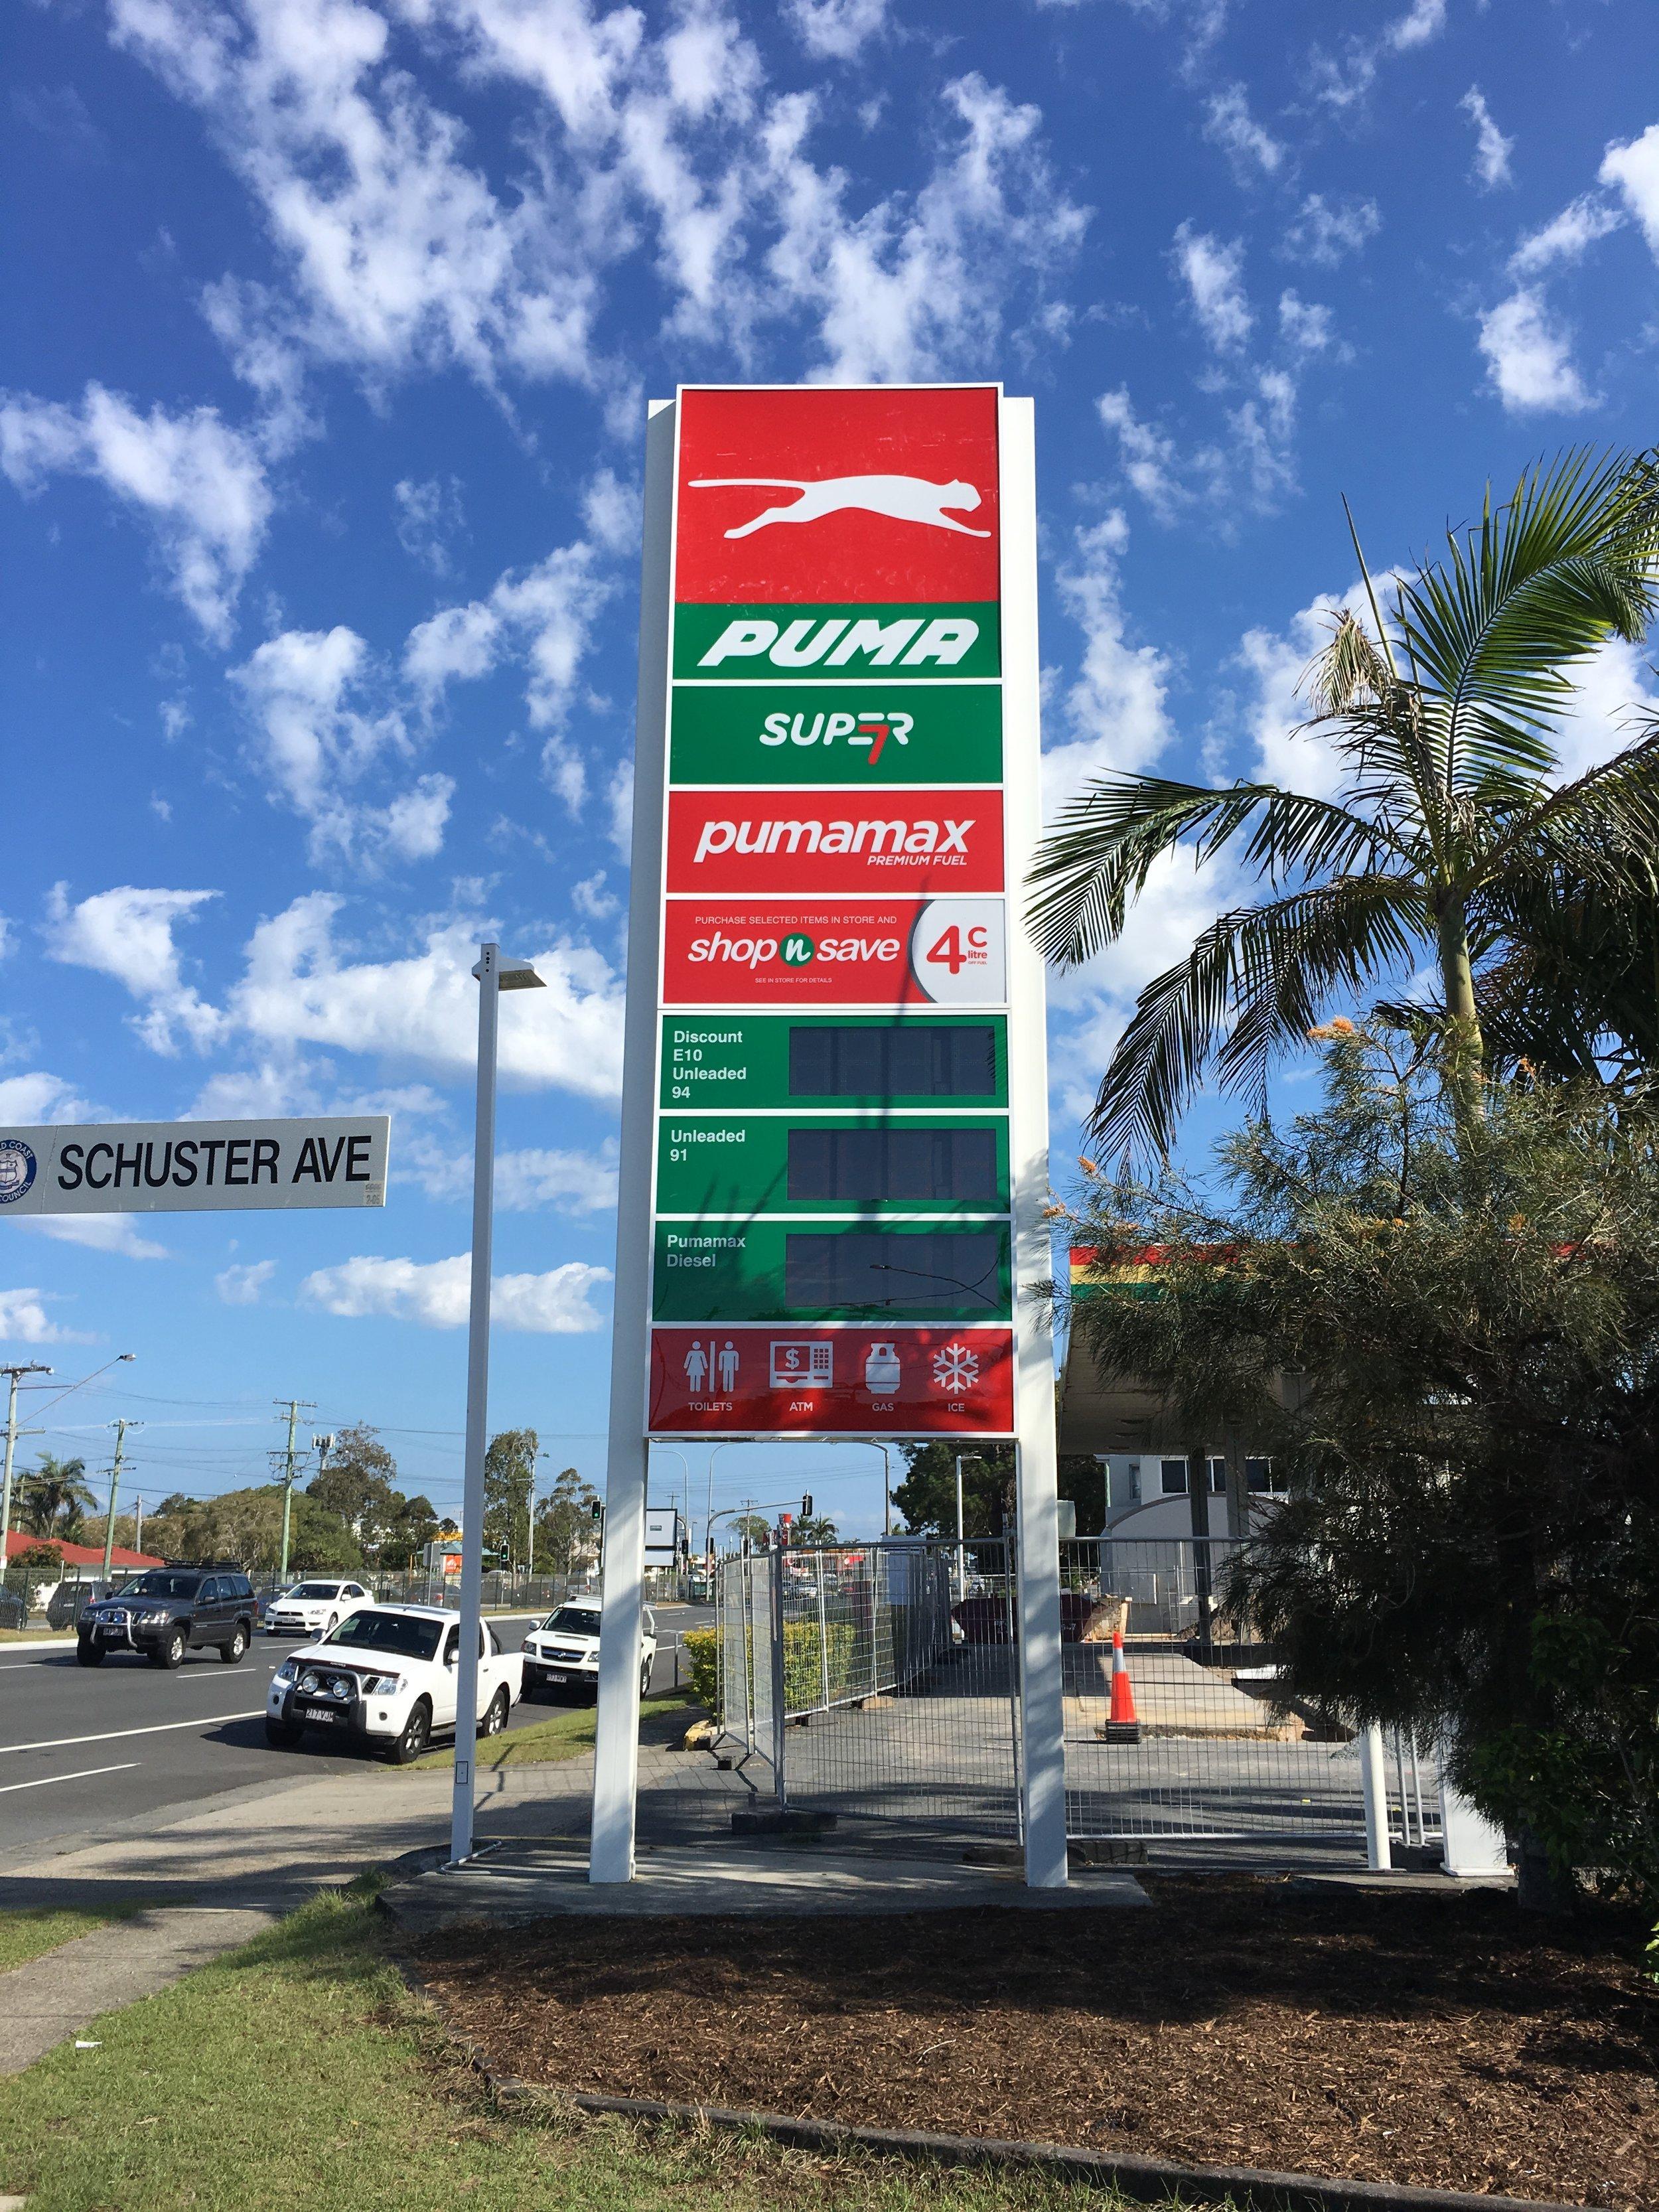 PUMA Miami - Complete (2).JPG